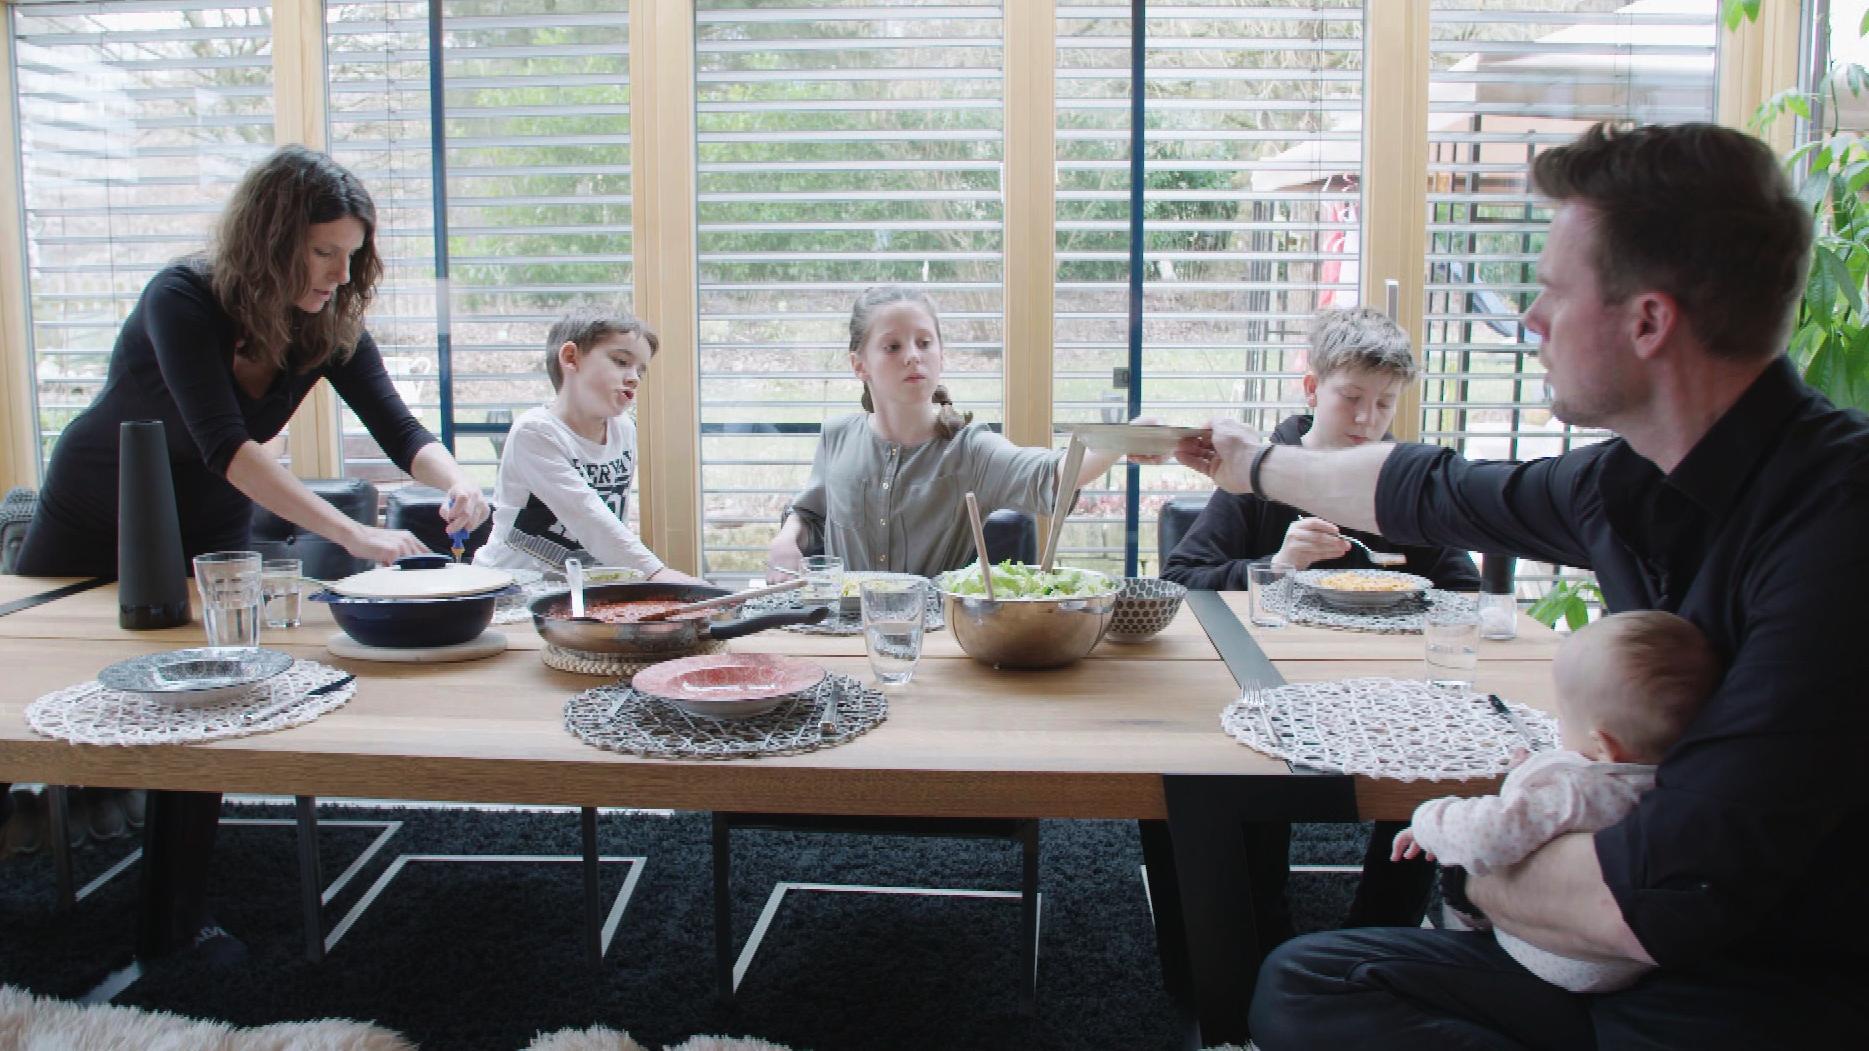 Vater, Mutter und vier Kinder am Esstisch